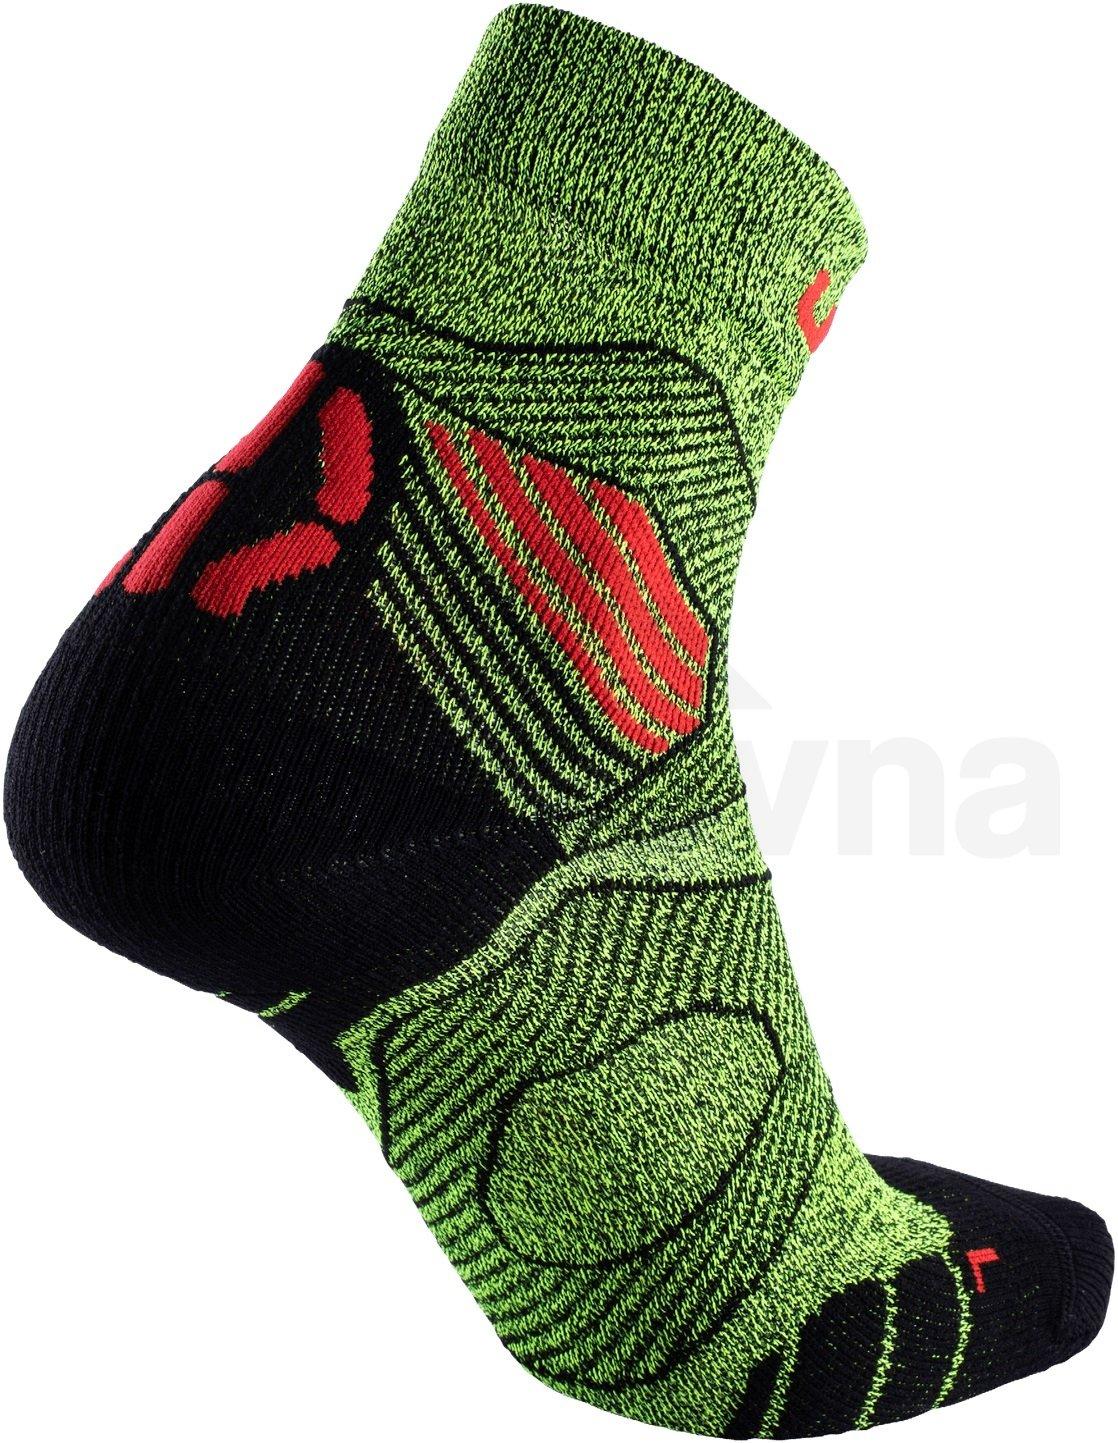 Ponožky UYN RUN TRAIL CHALLENGE - žlutá/černá/červená